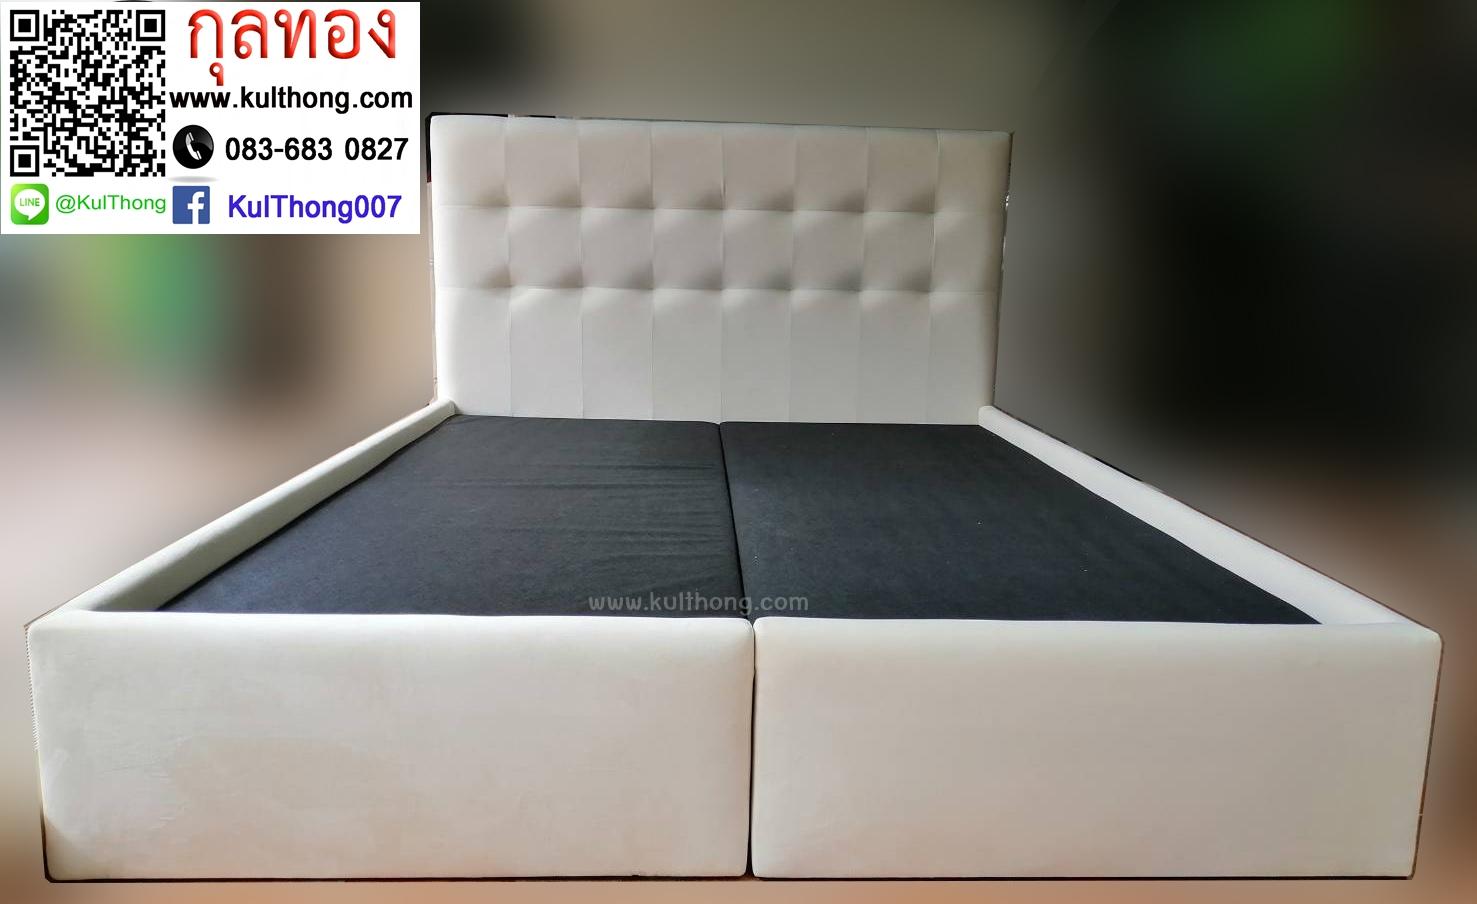 ฐานเตียงแบบมีหัวเตียง หัวเตียงดึงบุ๋ม เตียงคอนโด